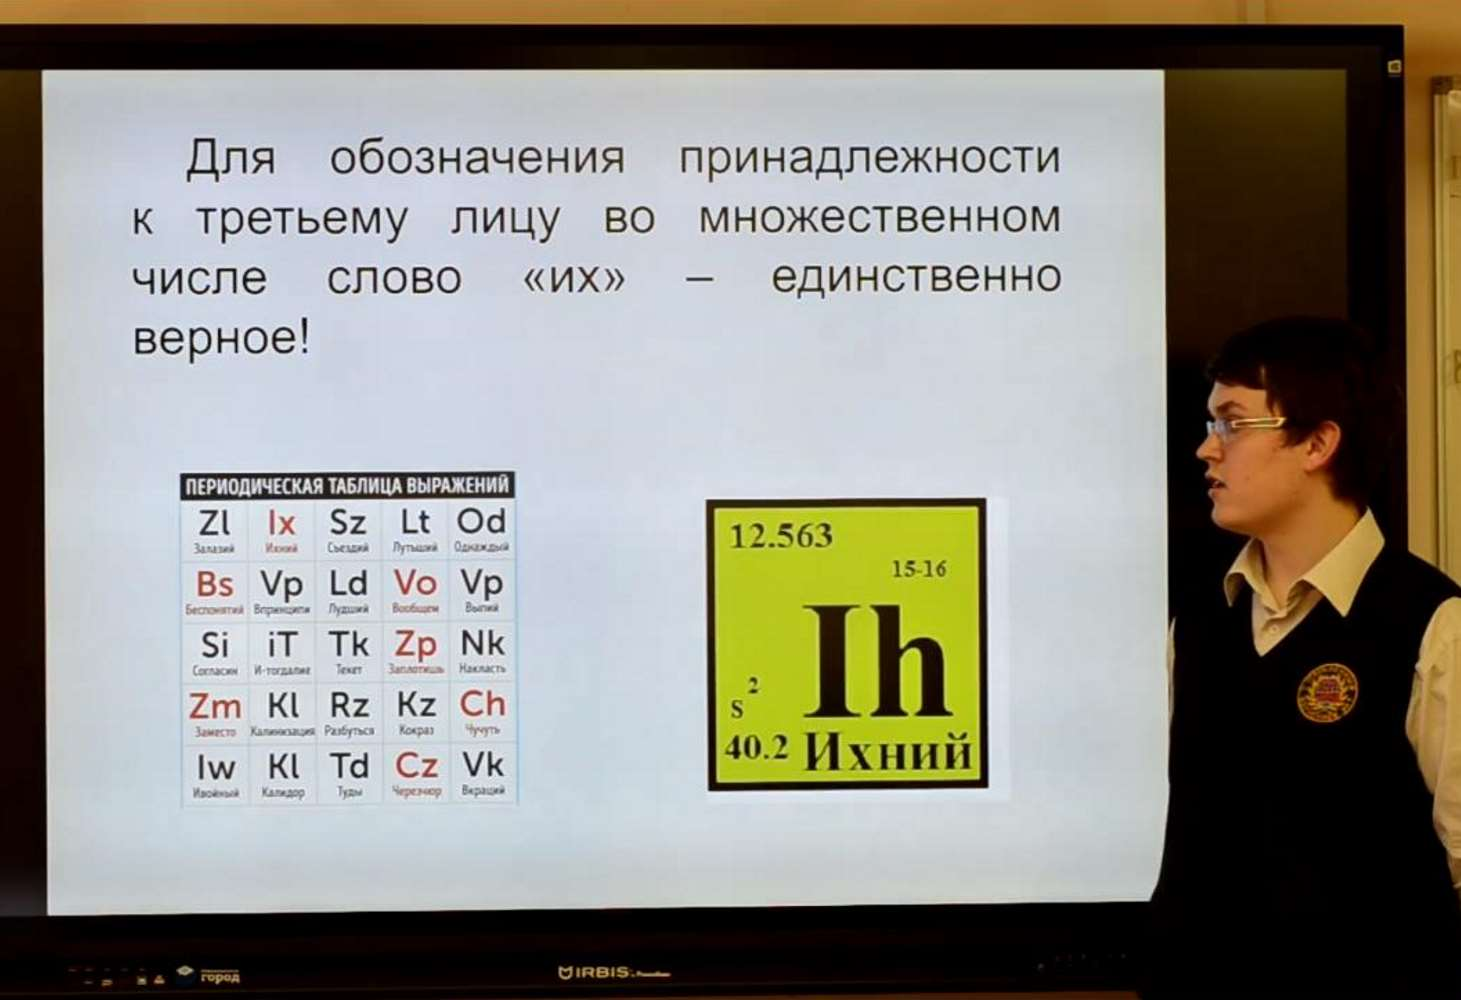 shkolniki-sostavili-tablitsu-grammaticheskih-i-rechevyh-oshibok-vzroslyh